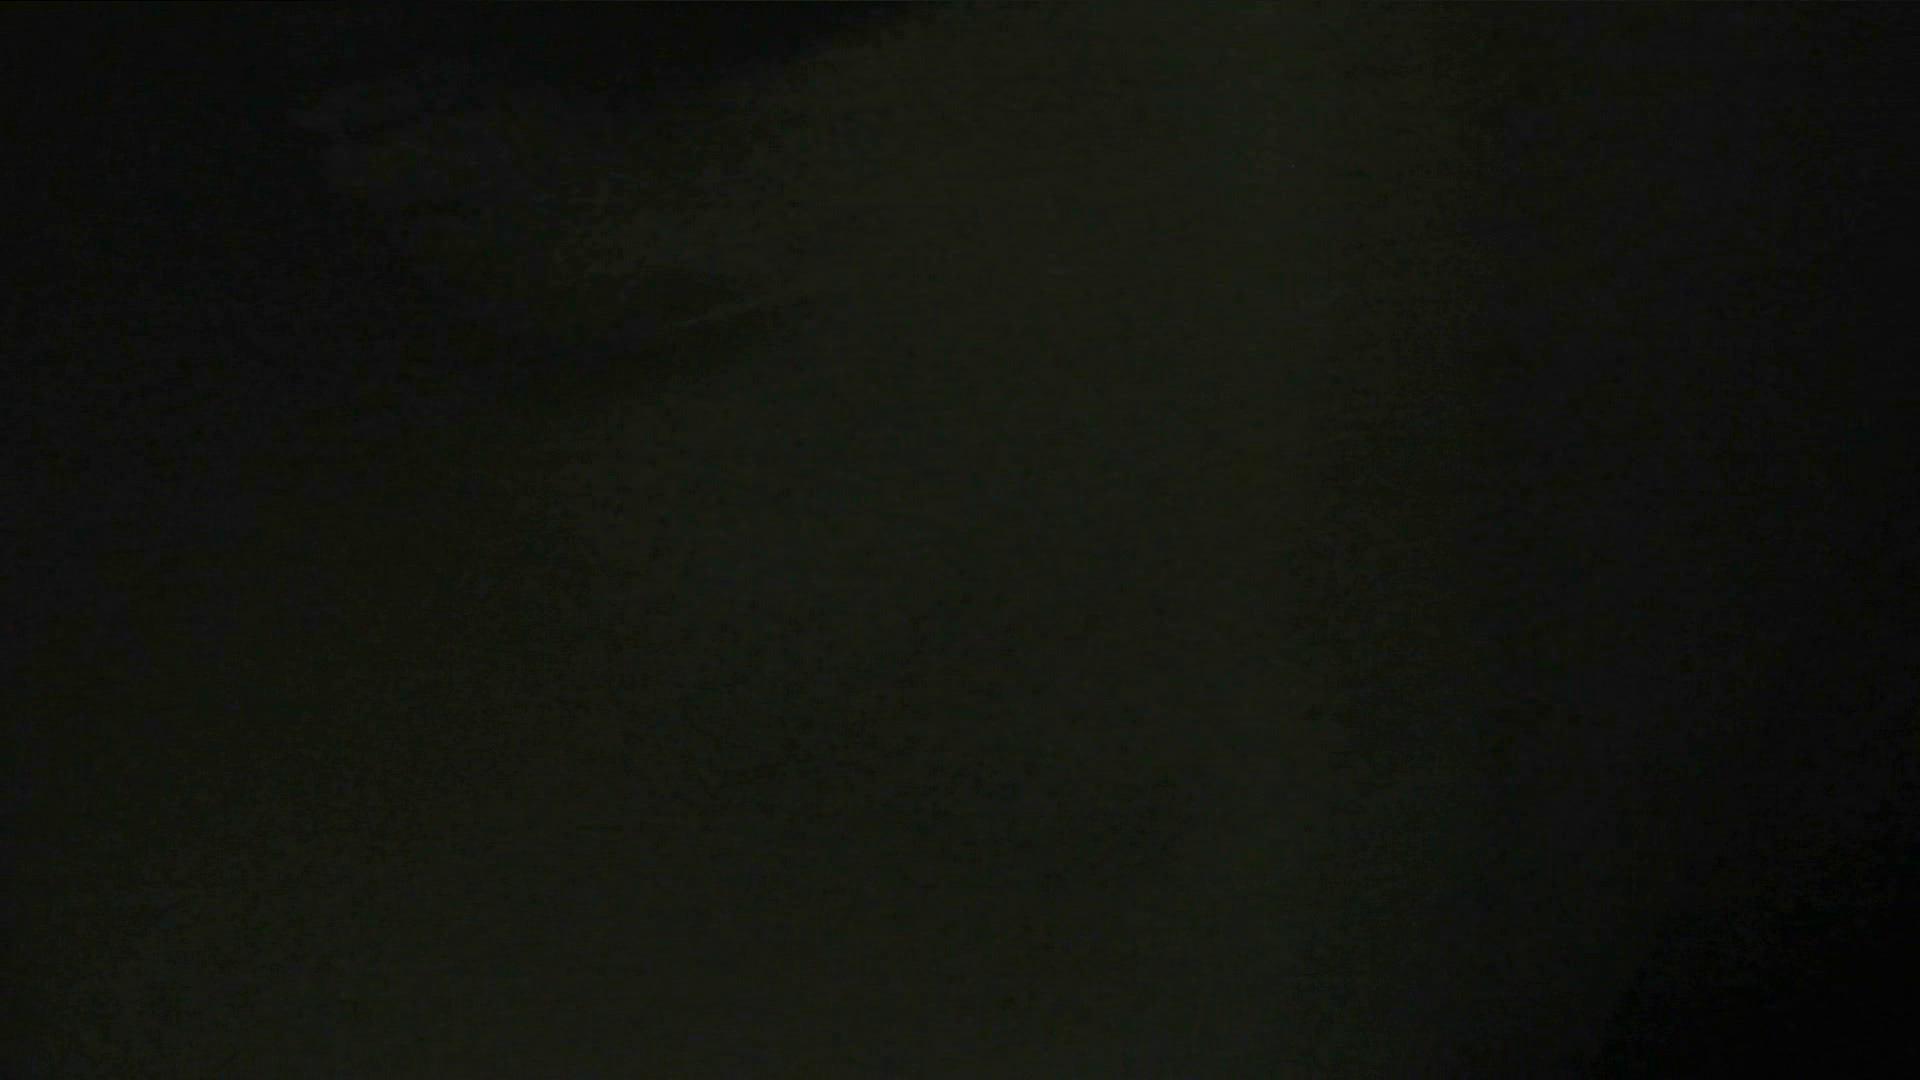 阿国ちゃんの「和式洋式七変化」No.10 丸見え  66画像 66